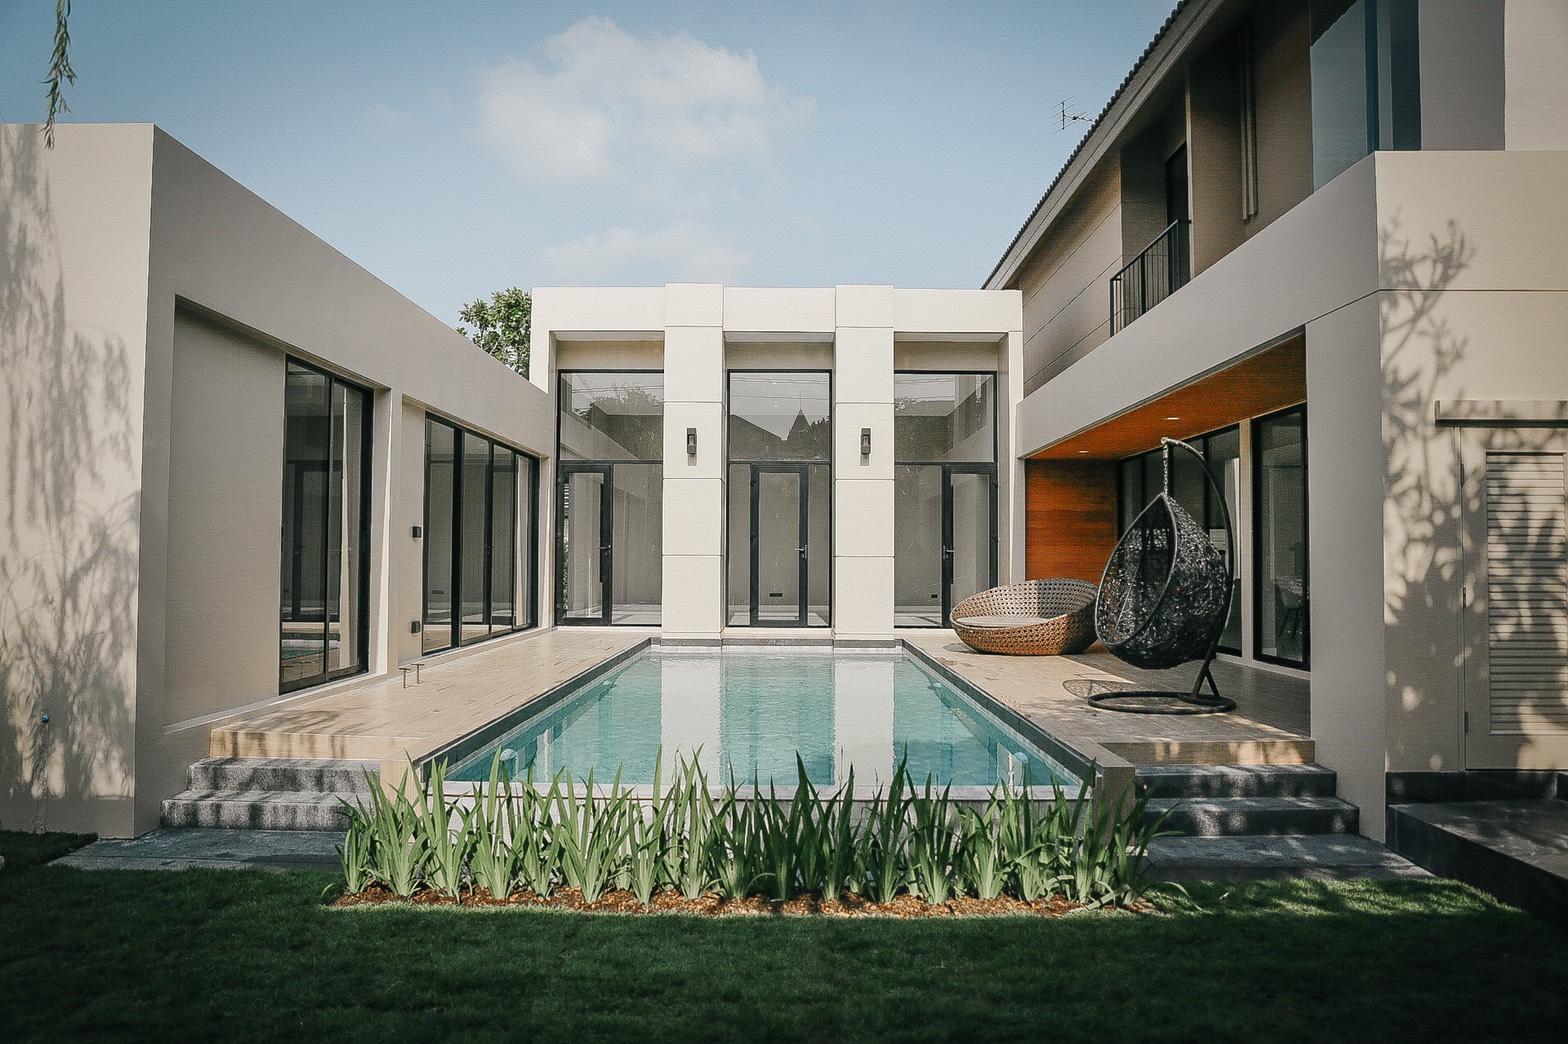 บ้านเดียวสุดหรู ขนาดใหญ่ ทำเลหายาก ซ.สุขุมวิท 93 พร้อมสระว่ายน้ำ